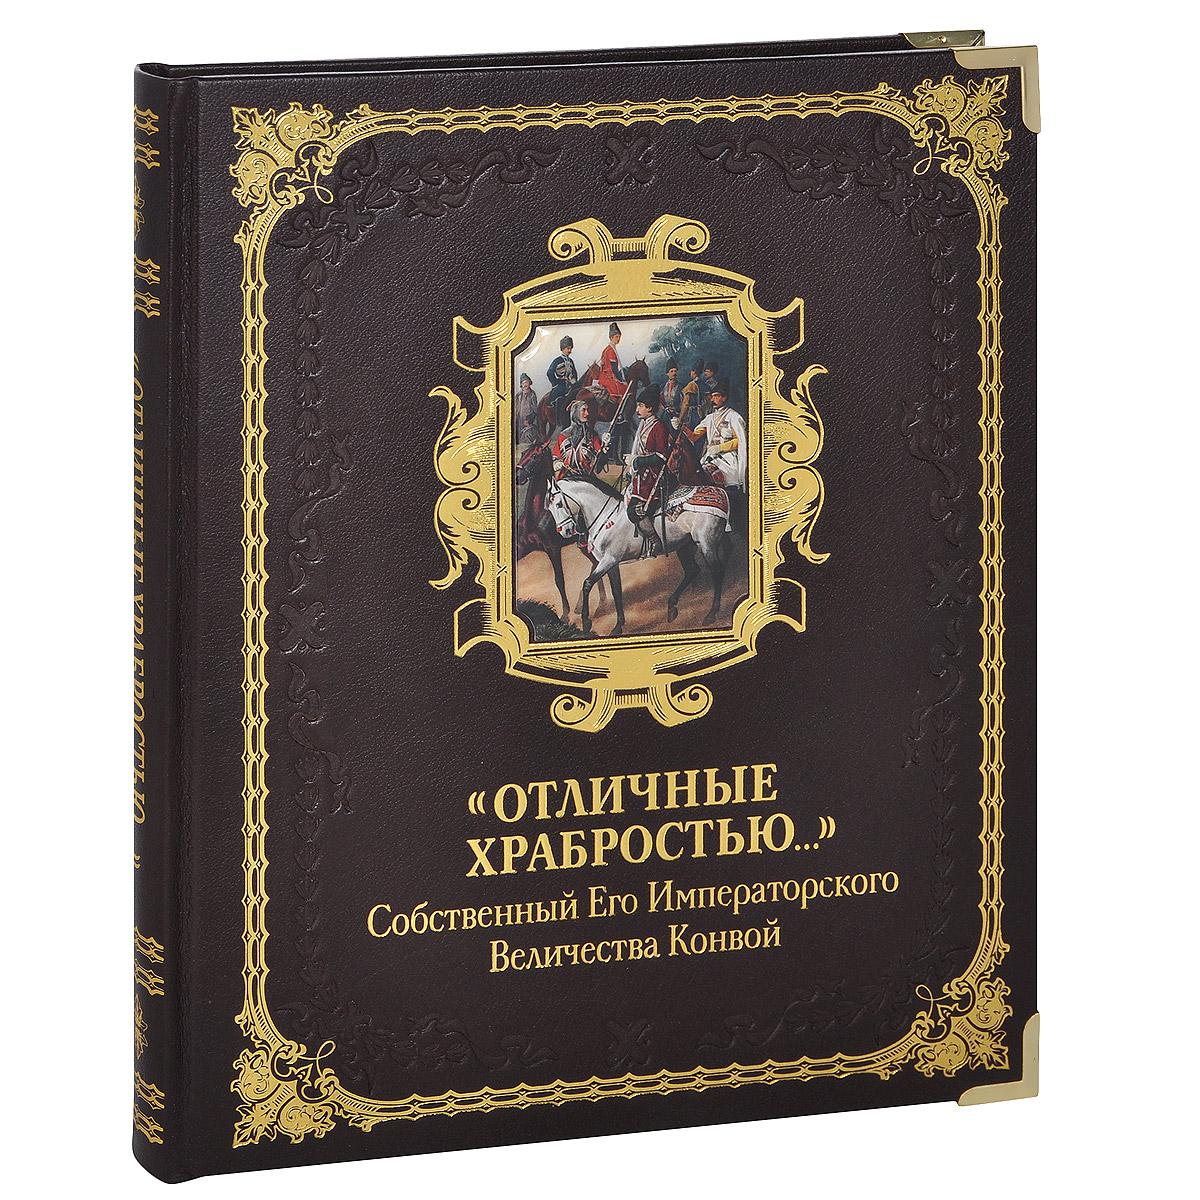 Д. А. Клочков Отличные храбростью... Собственный Его Императорского Величества Конвой (подарочное издание)